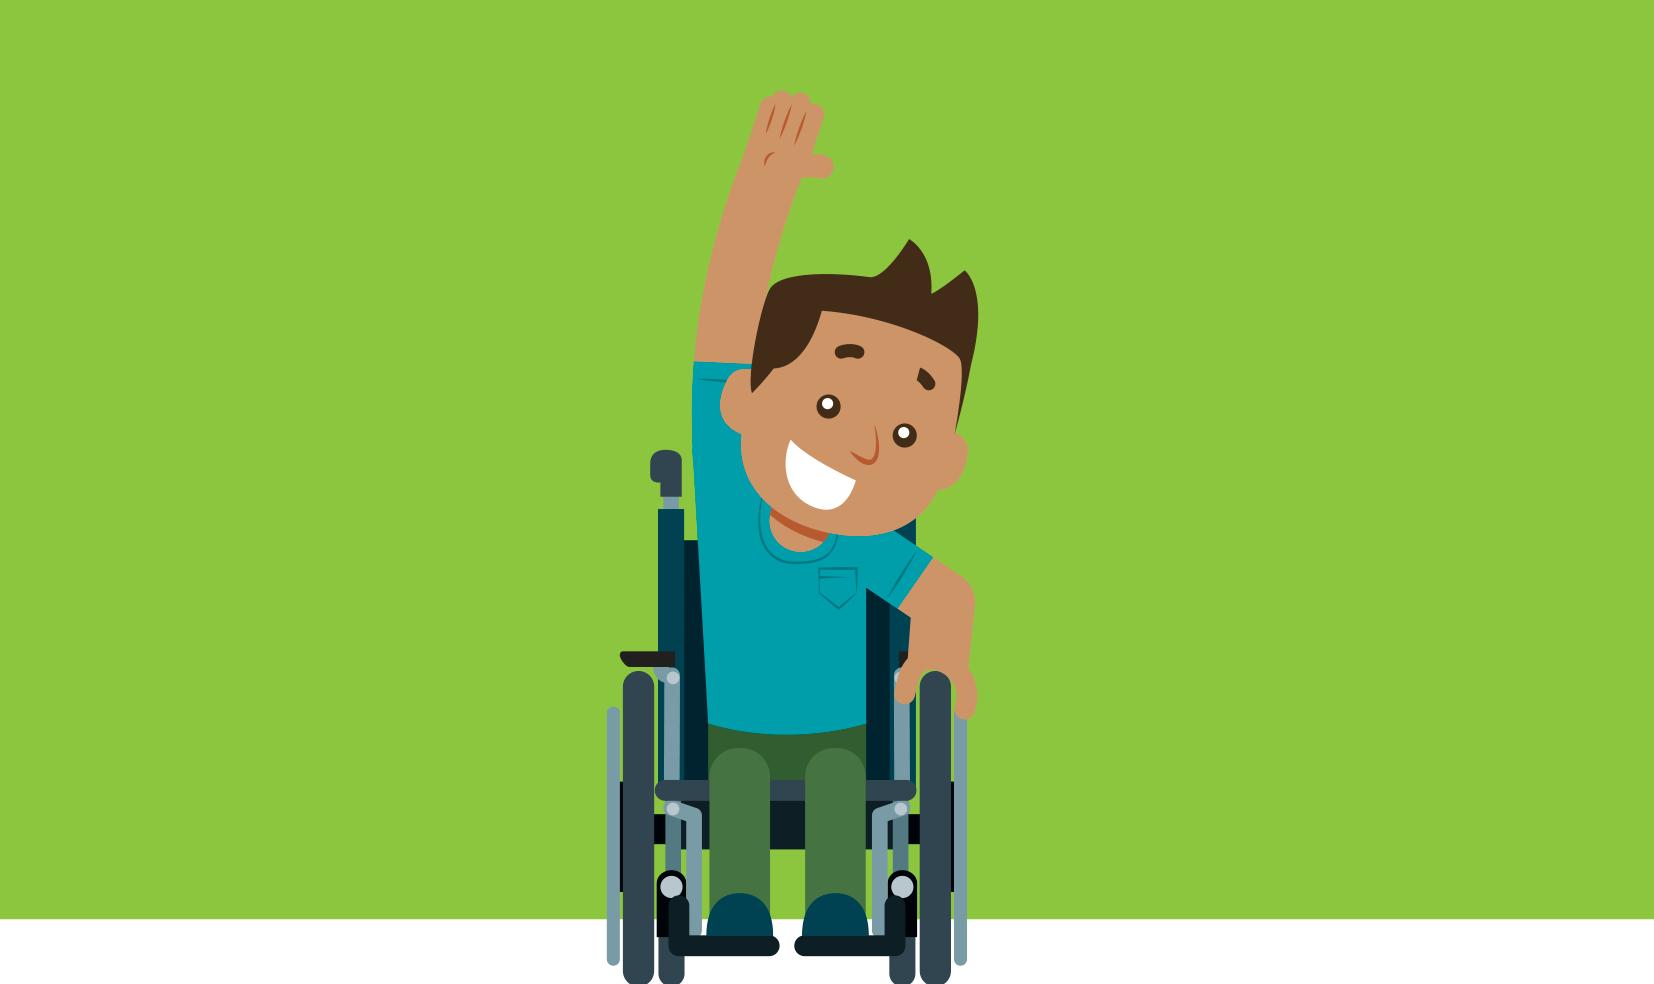 ilustração de criança em cadeira de rodas com um braço para cima e sorriso no rosto.